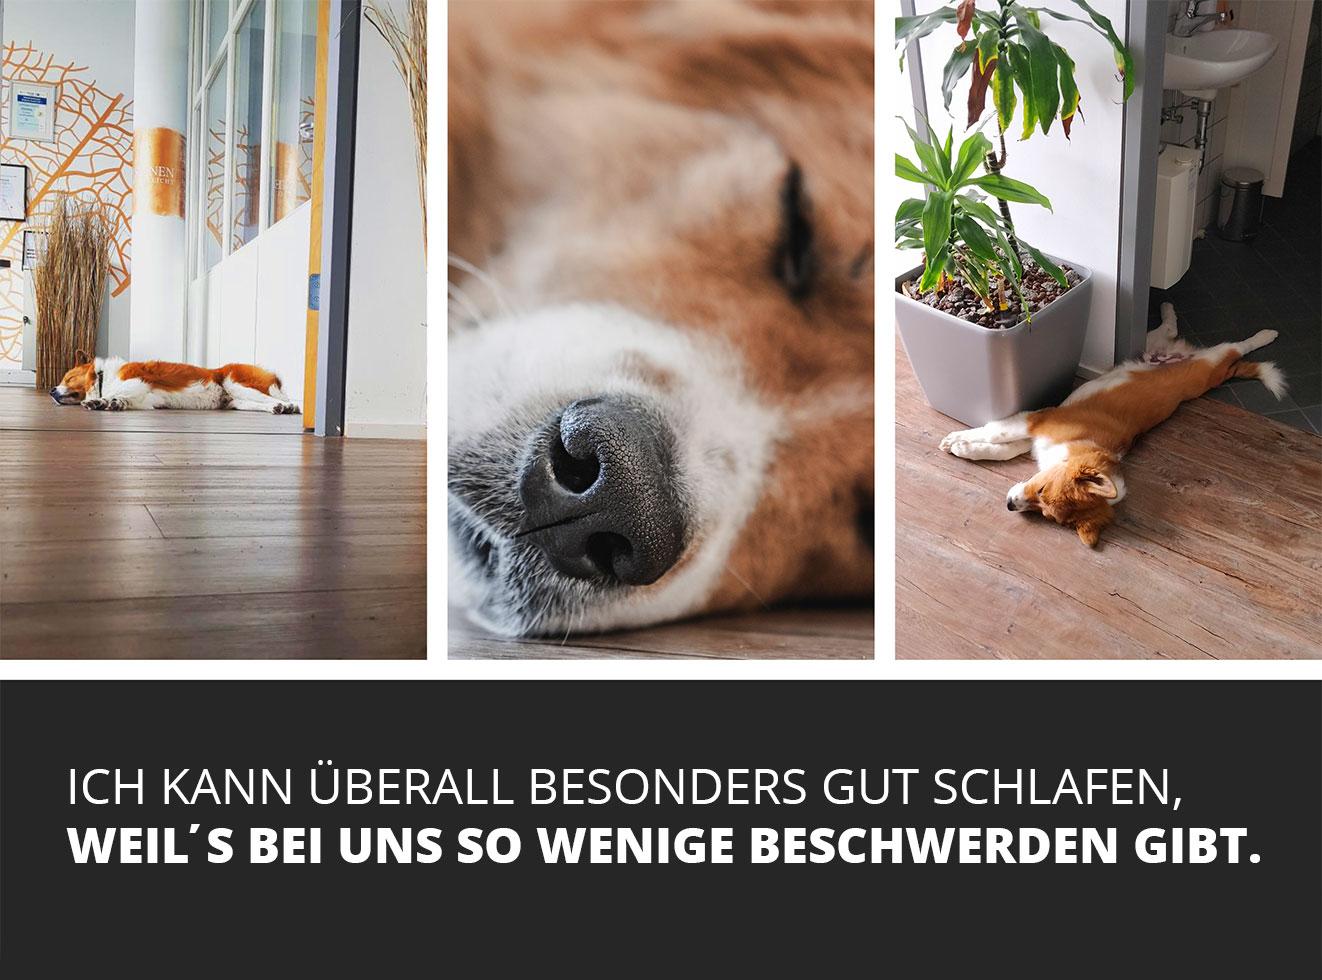 beste-werbeagentur-nürnberg-besonders-sein-agenturhund-gismo